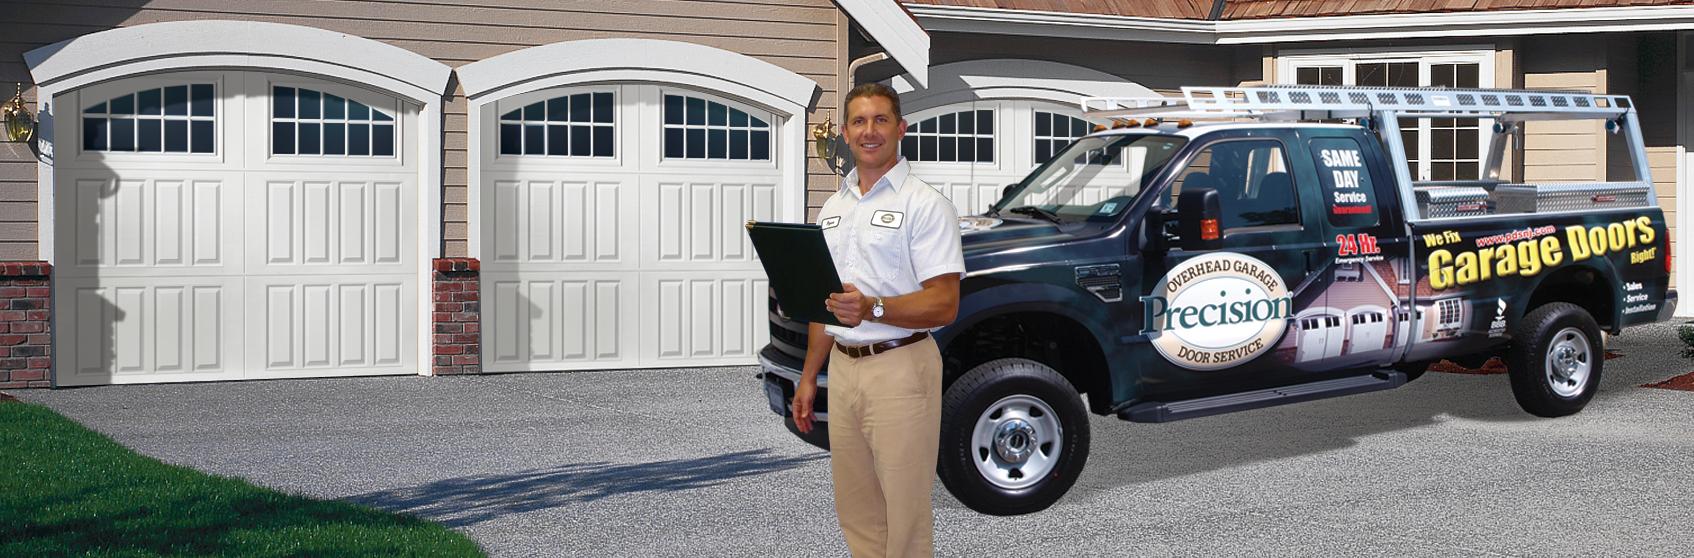 Precision Garage Door Long Island | Repair, Openers & New Garage Doors